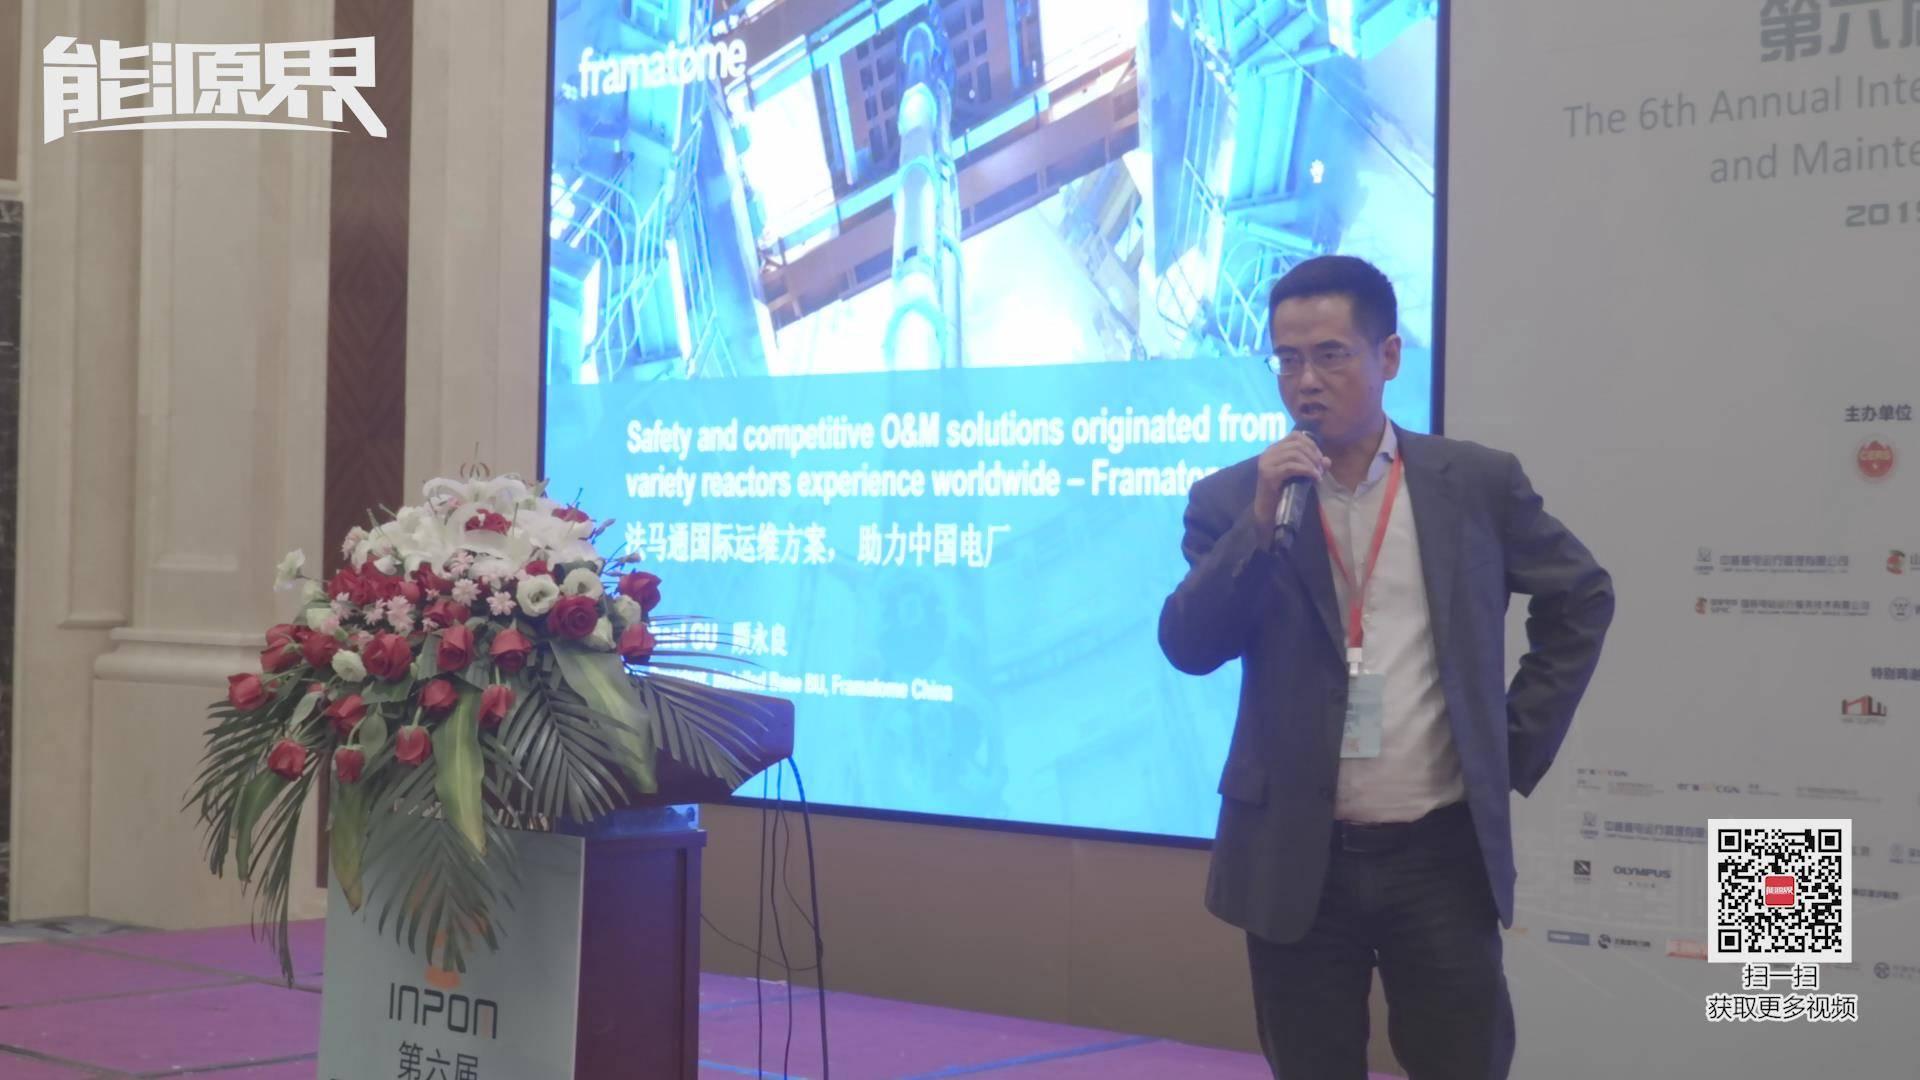 顾永良:法马通国际运维方案,助力中国电厂